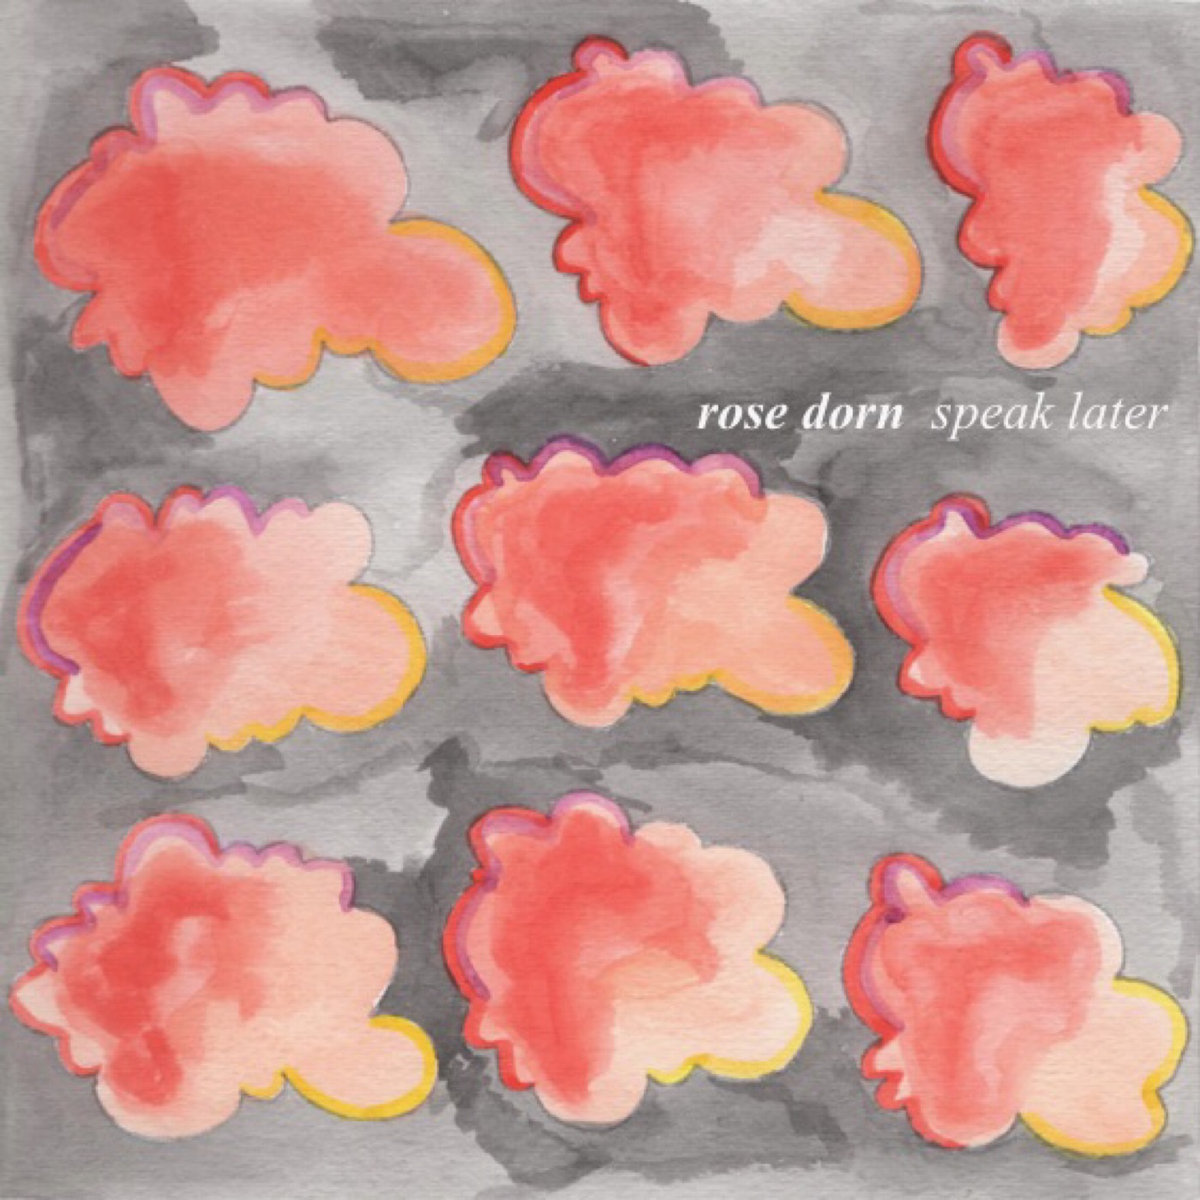 Rose Dorn speak later album art pink clouds